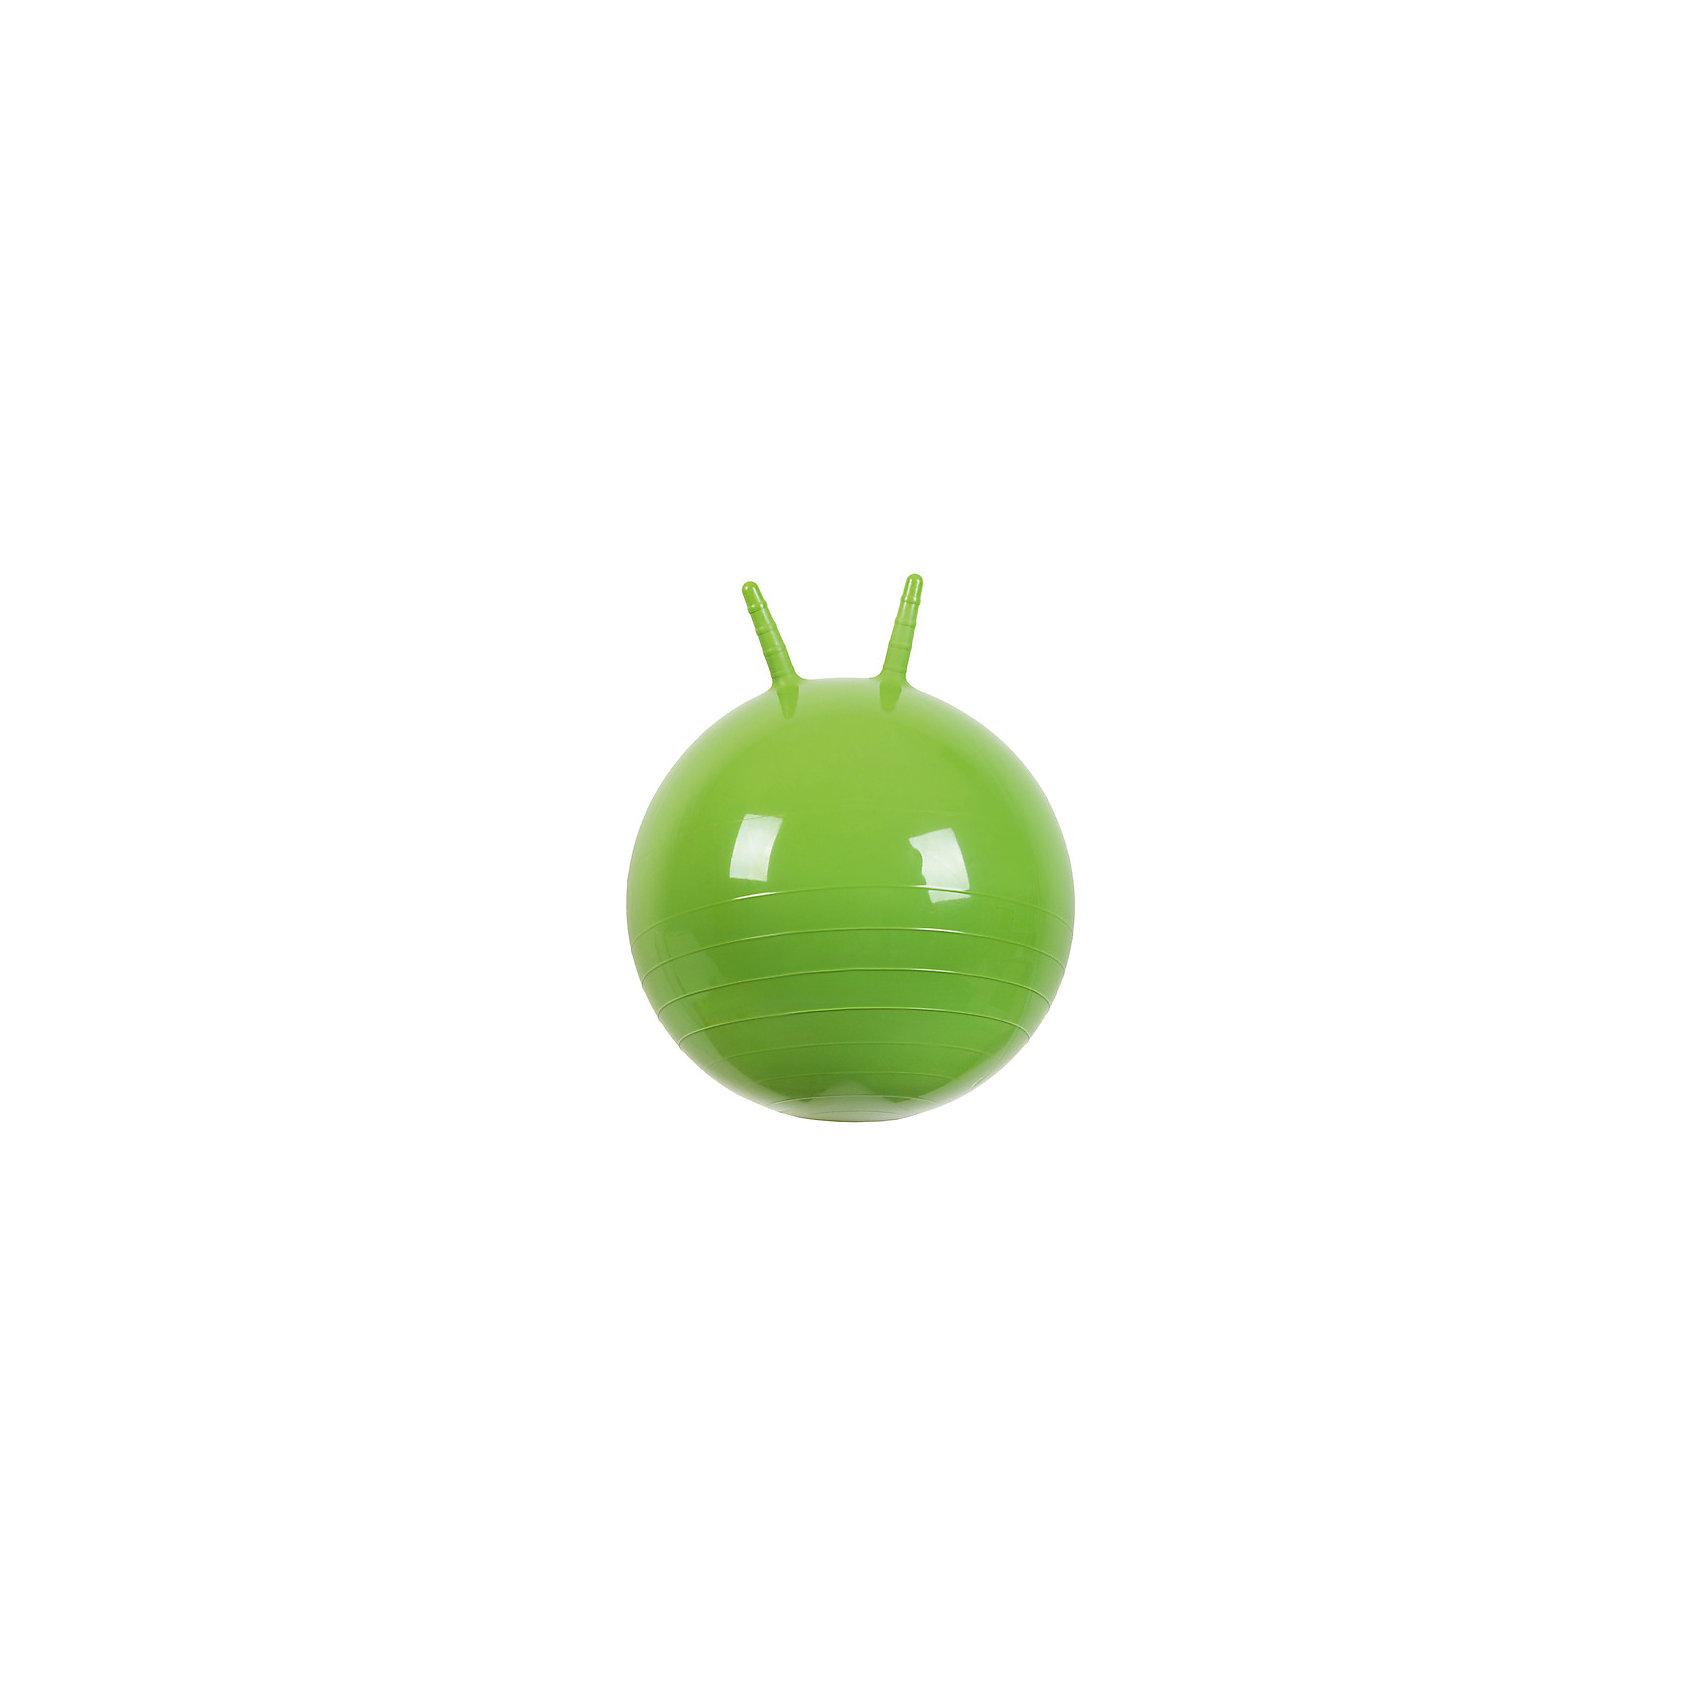 Мяч Прыгун с рожками, 50 см, зеленый, МалышОКПрыгуны и джамперы<br><br><br>Ширина мм: 122<br>Глубина мм: 153<br>Высота мм: 254<br>Вес г: 700<br>Возраст от месяцев: 48<br>Возраст до месяцев: 2147483647<br>Пол: Унисекс<br>Возраст: Детский<br>SKU: 6767720